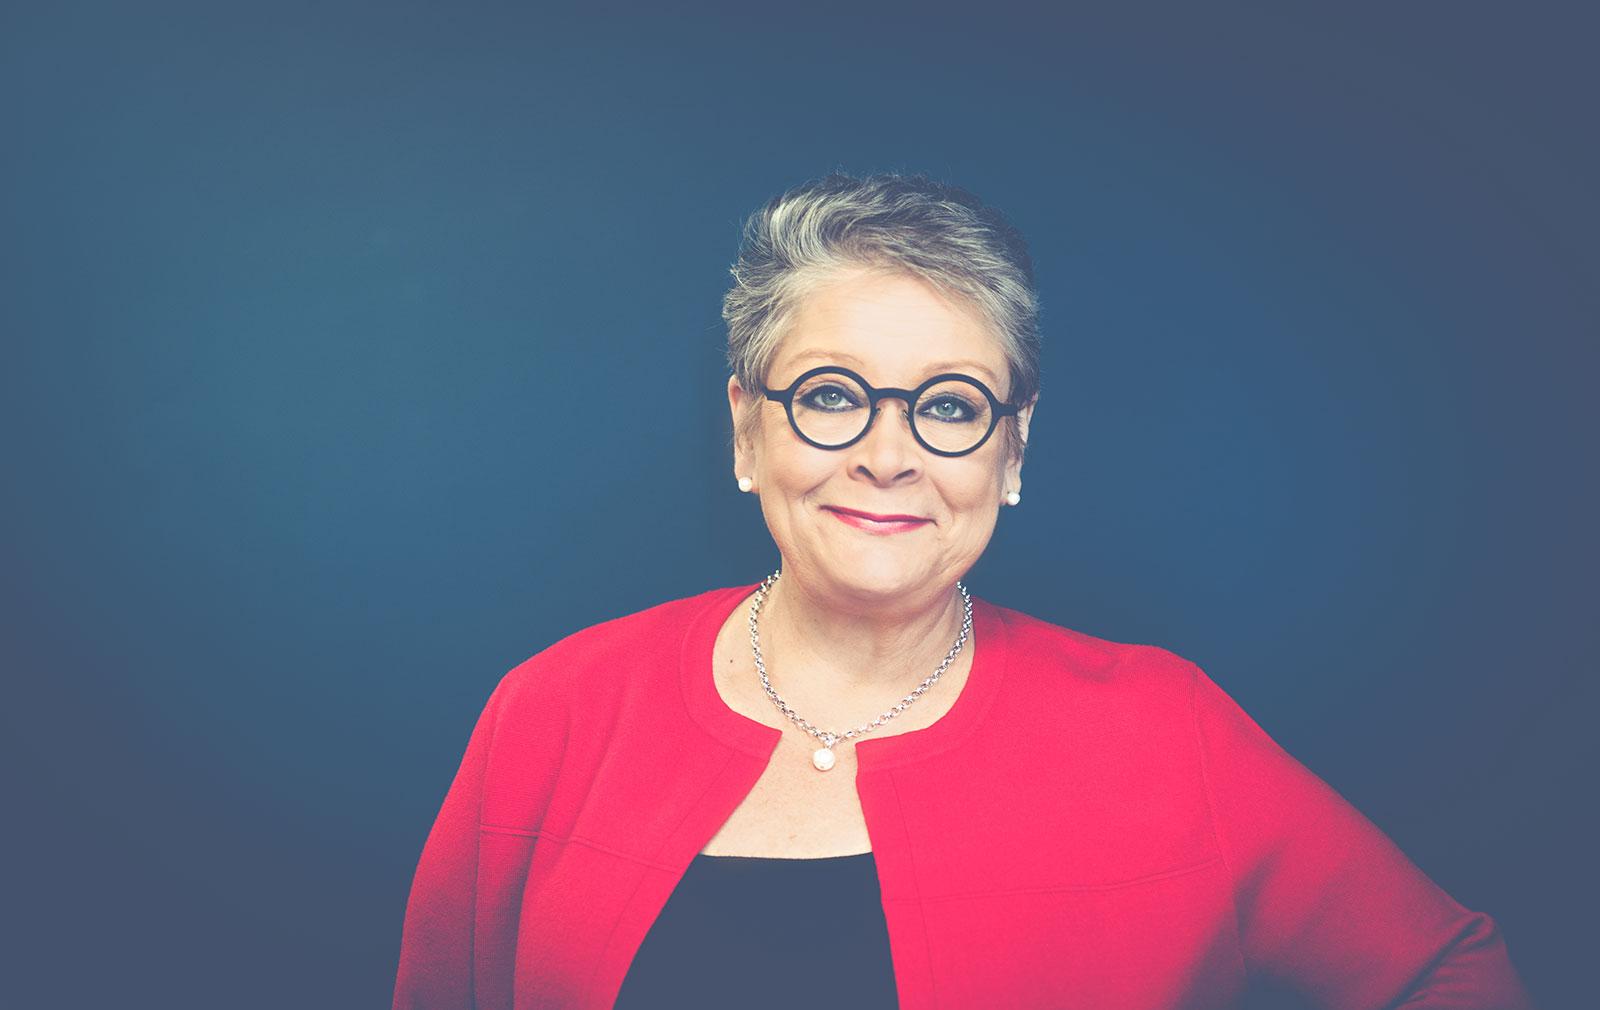 Ann Selin jättää PAMin puheenjohtajan tehtävän kesällä 2019